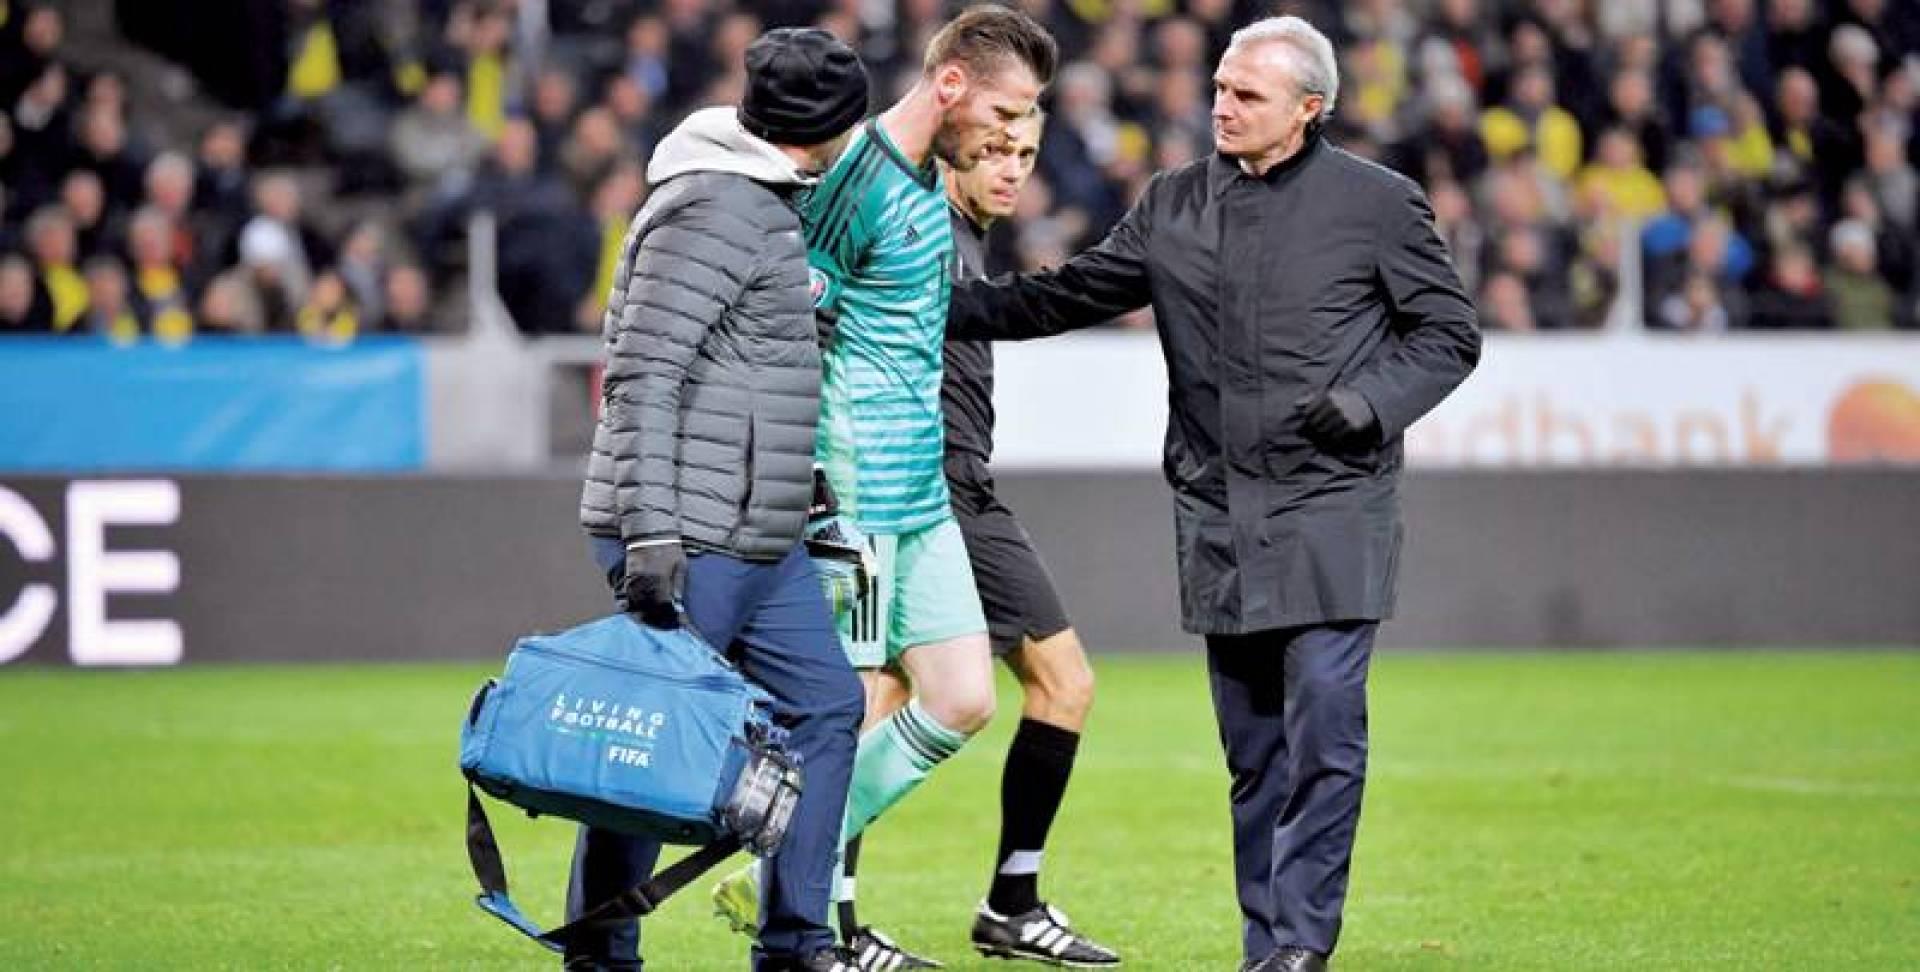 دي خيا يغادر أرضية الملعب مصابا | رويترز